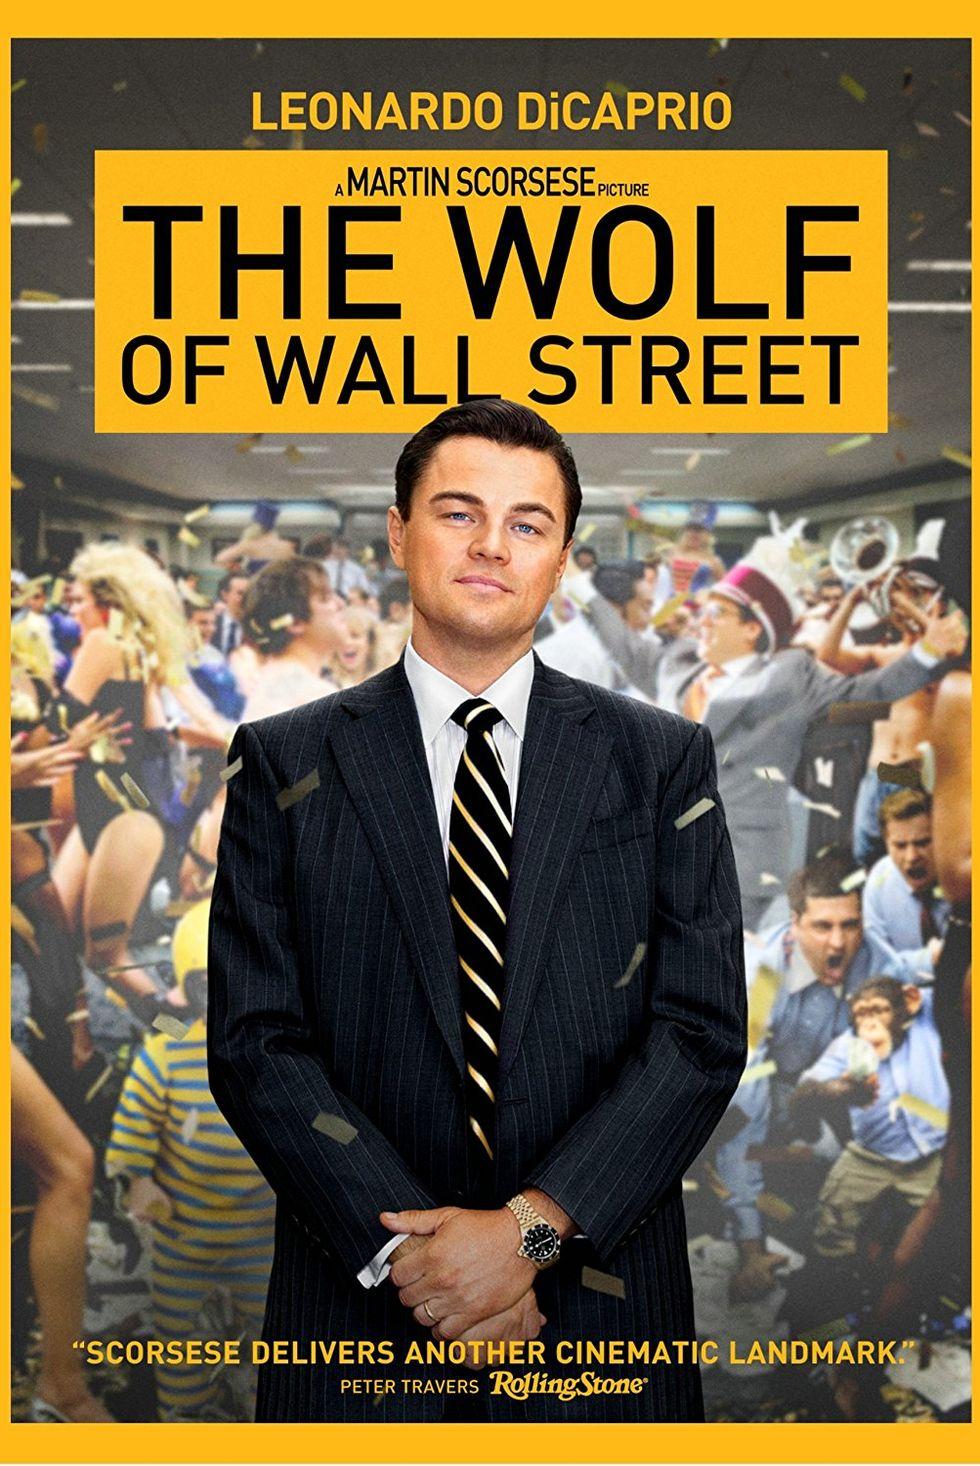 """""""Вълкът от Уолстрийт"""" (2013) Базирана на мемоарите на борсовия брокер Джордан Белфърт, тричасовата лента на Мартин Скорсезе представя охолния живот на напълно лишения от задръжки финансист (в ролята: Лео ди Каприо). Много секс, много наркотици и стотици финансови измами. Толкова наситено, че по едно време ни се догади."""